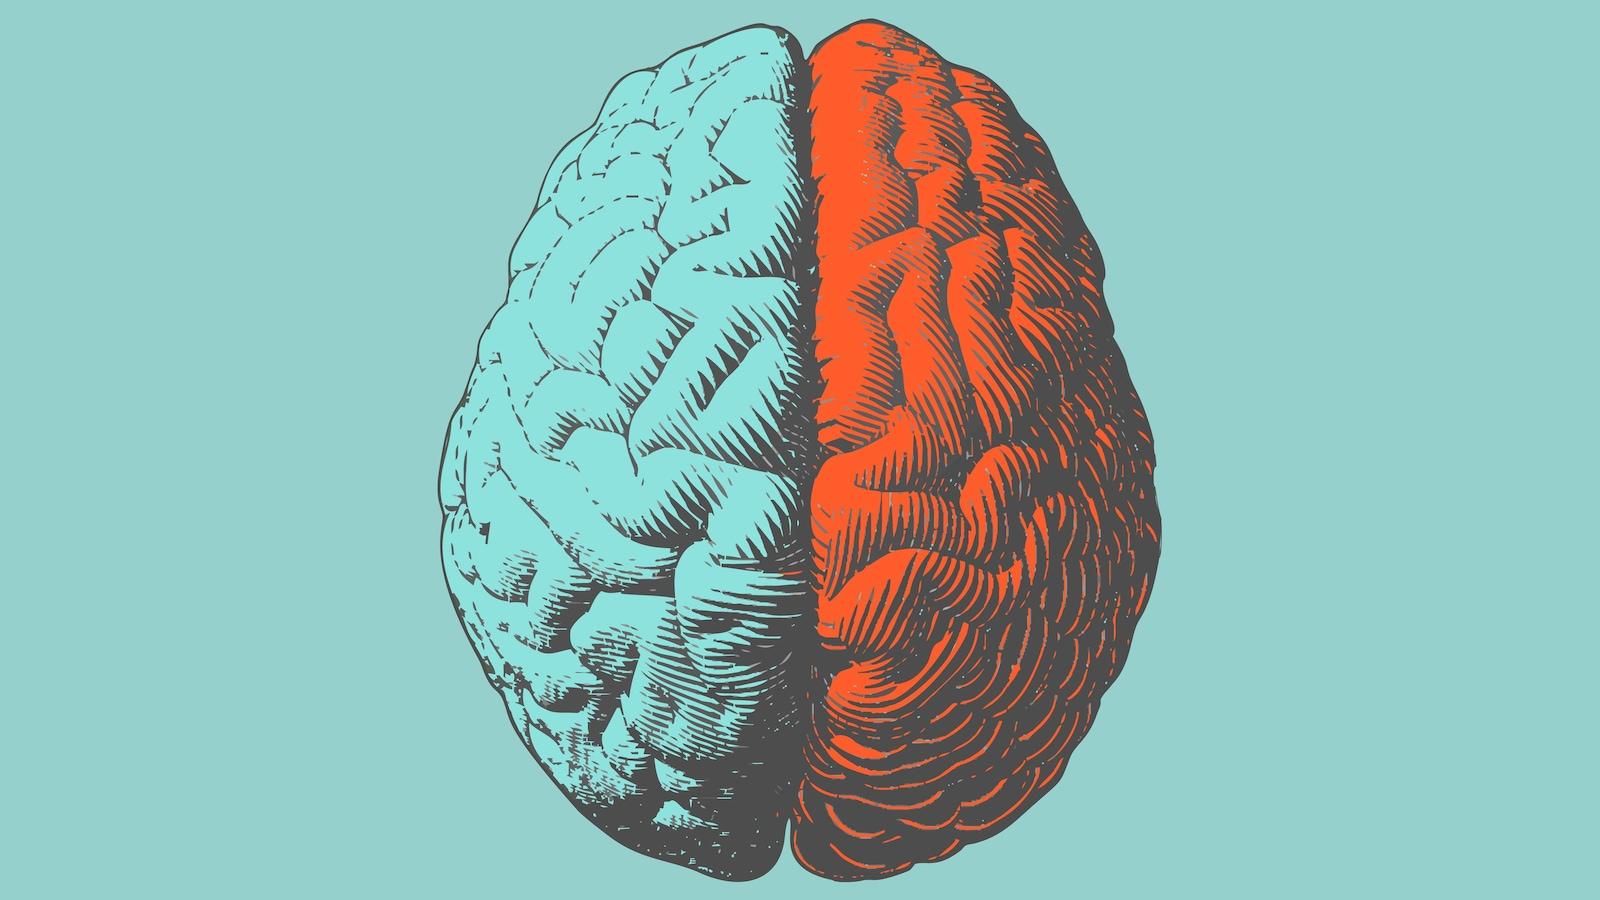 Une illustration en couleur d'un cerveau humain.